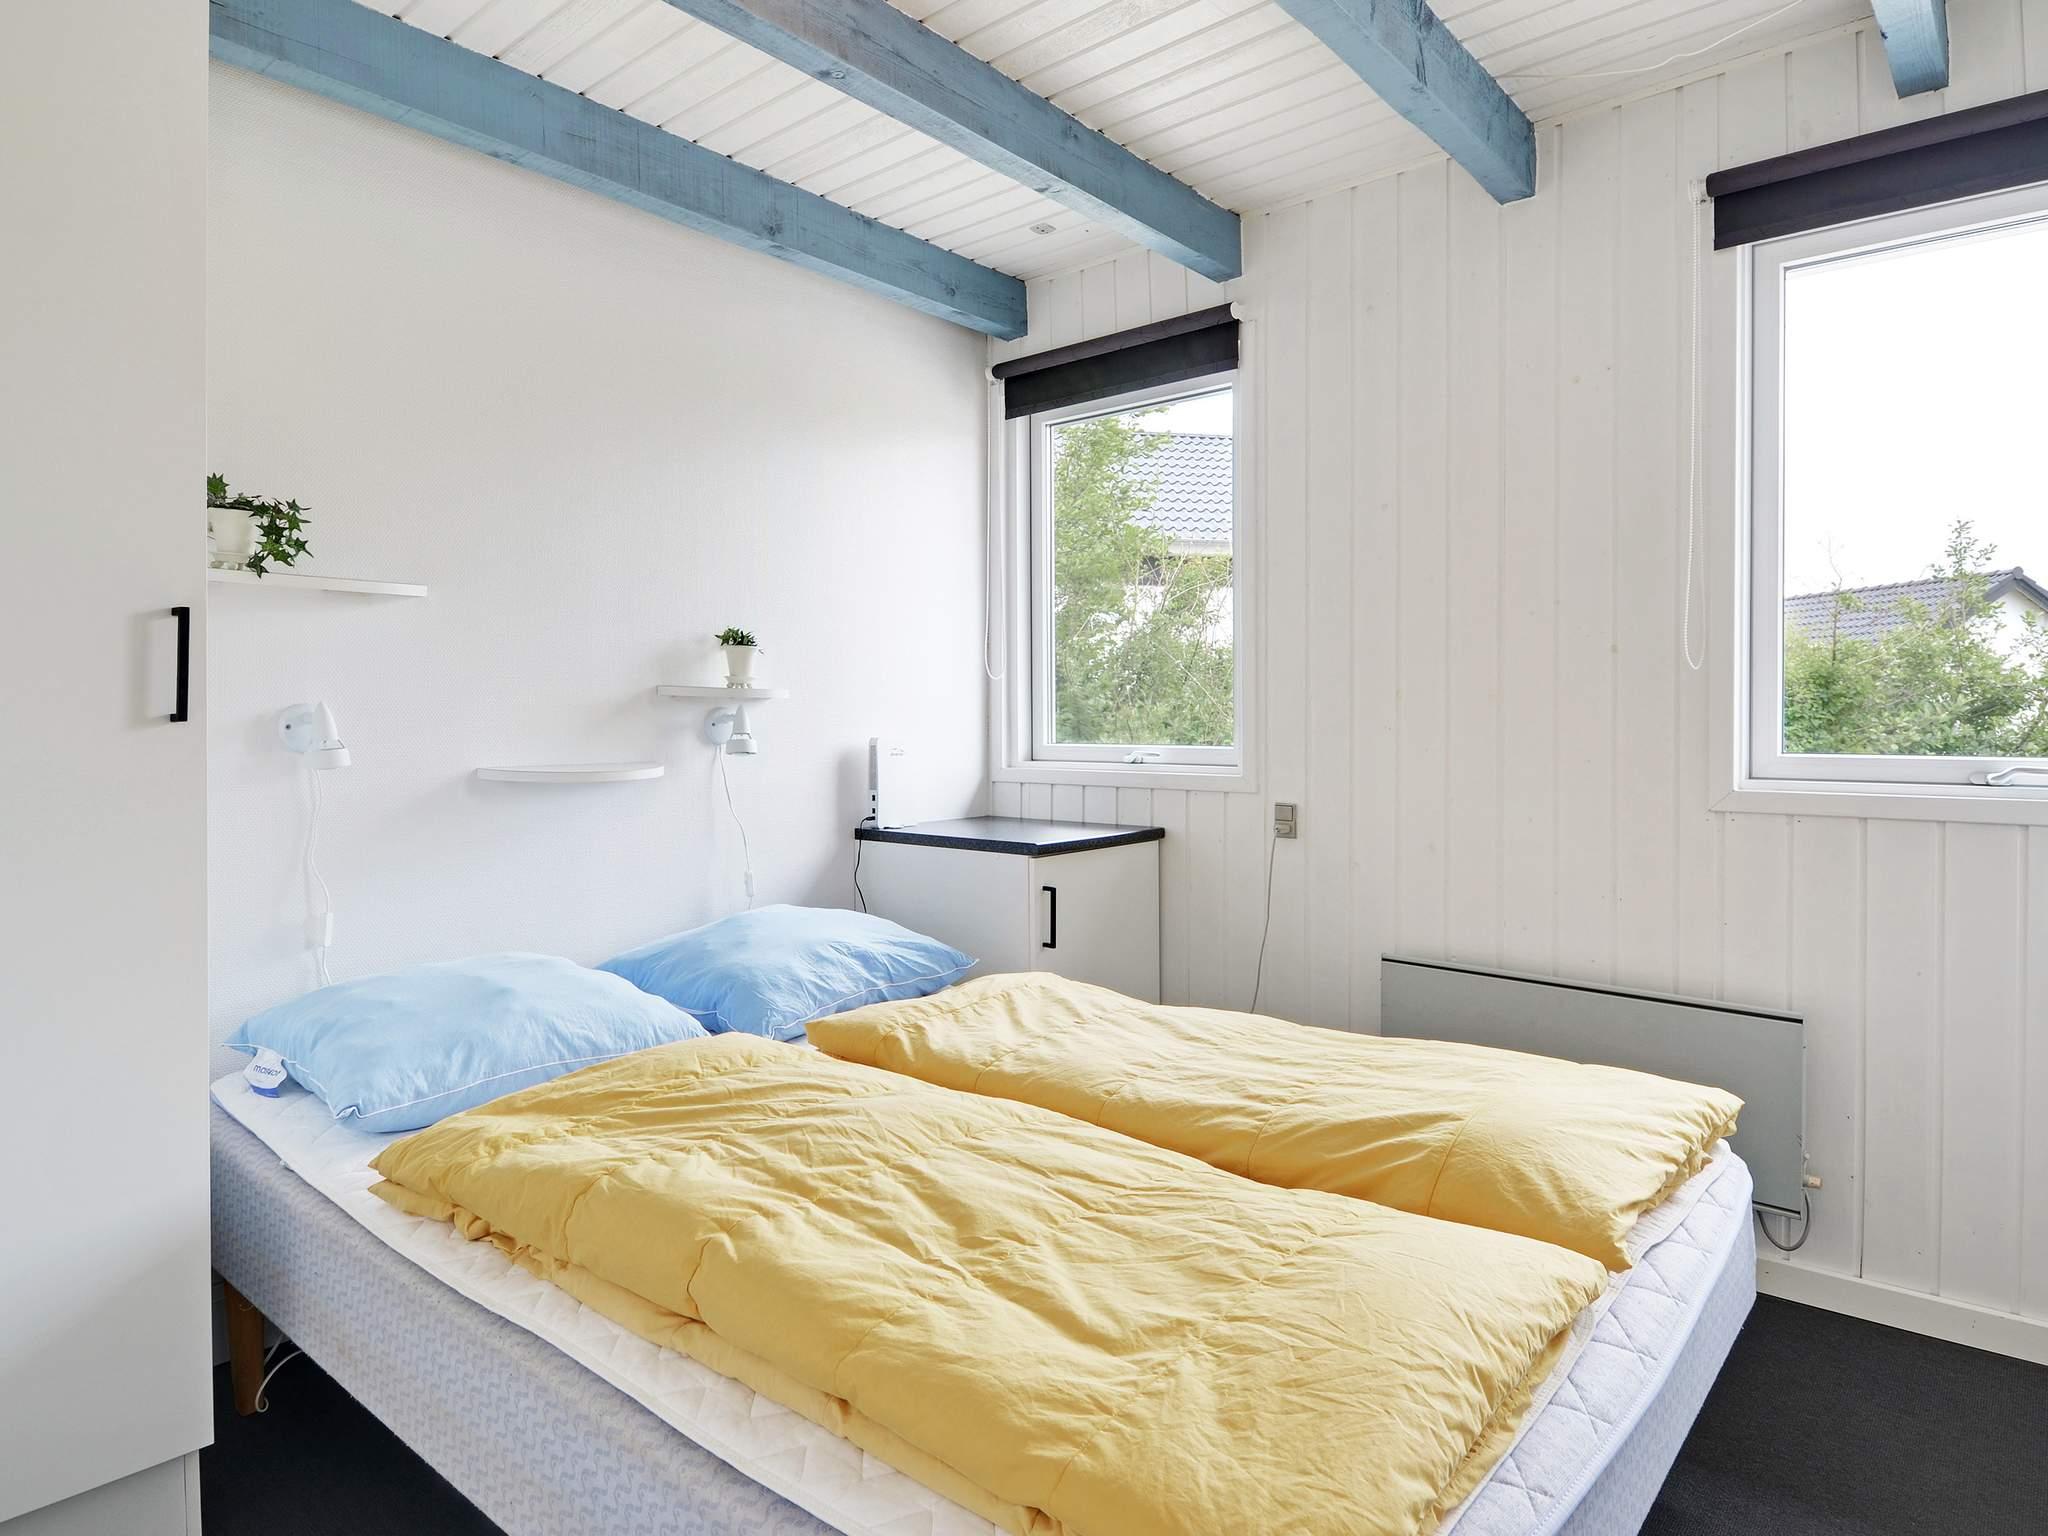 Ferienhaus Bork Havn (86845), Bork Havn, , Westjütland, Dänemark, Bild 10